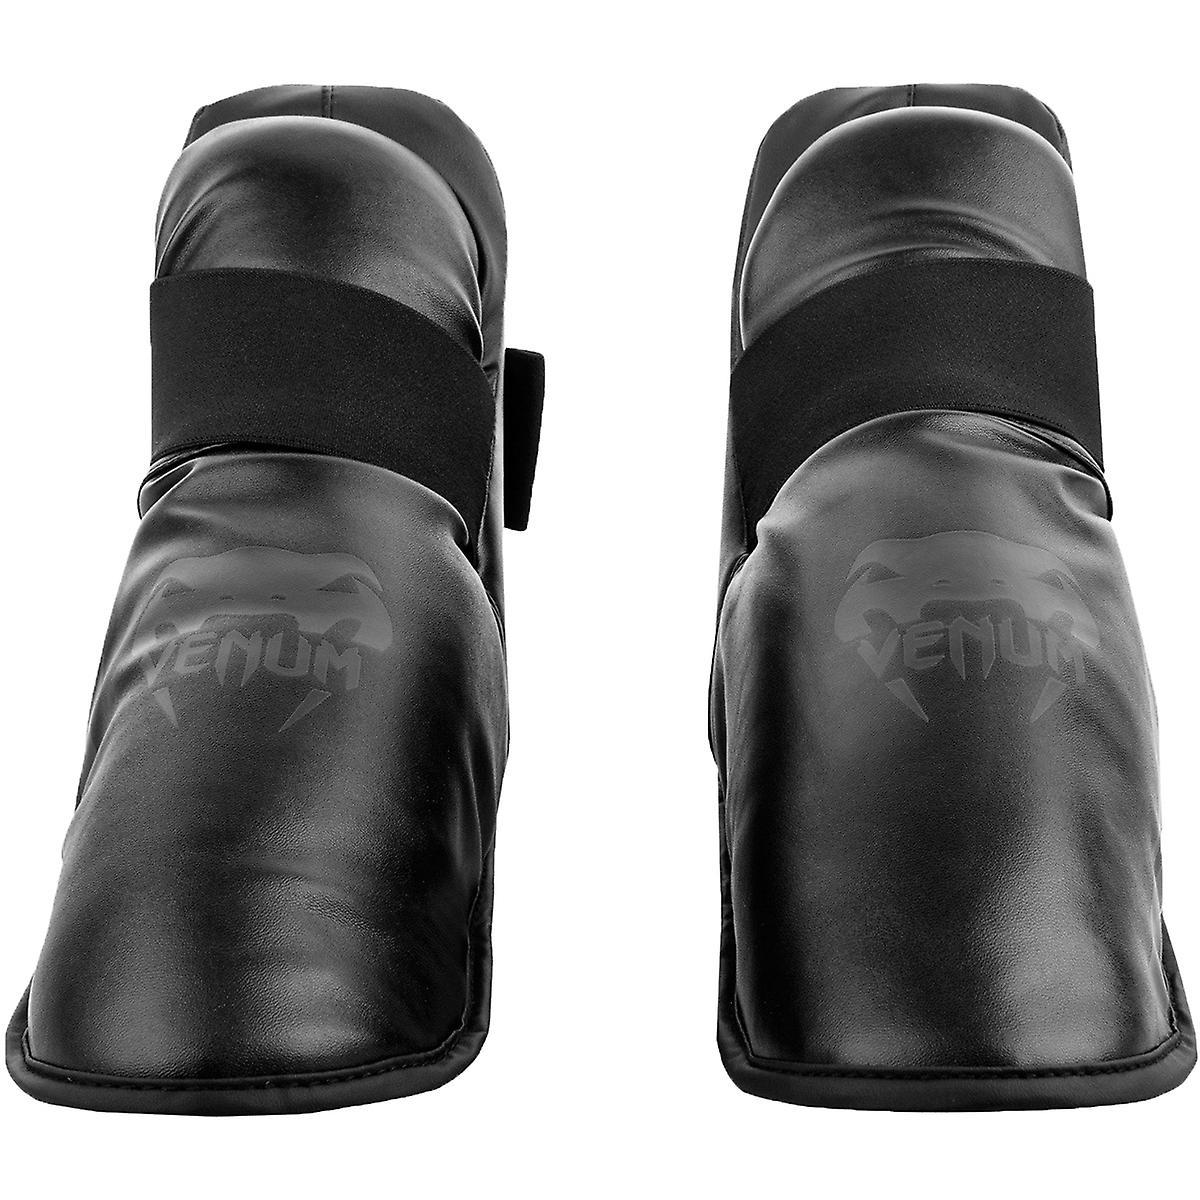 Venum Challenger Slip léger crochet et boucle pied Gear - noir noir